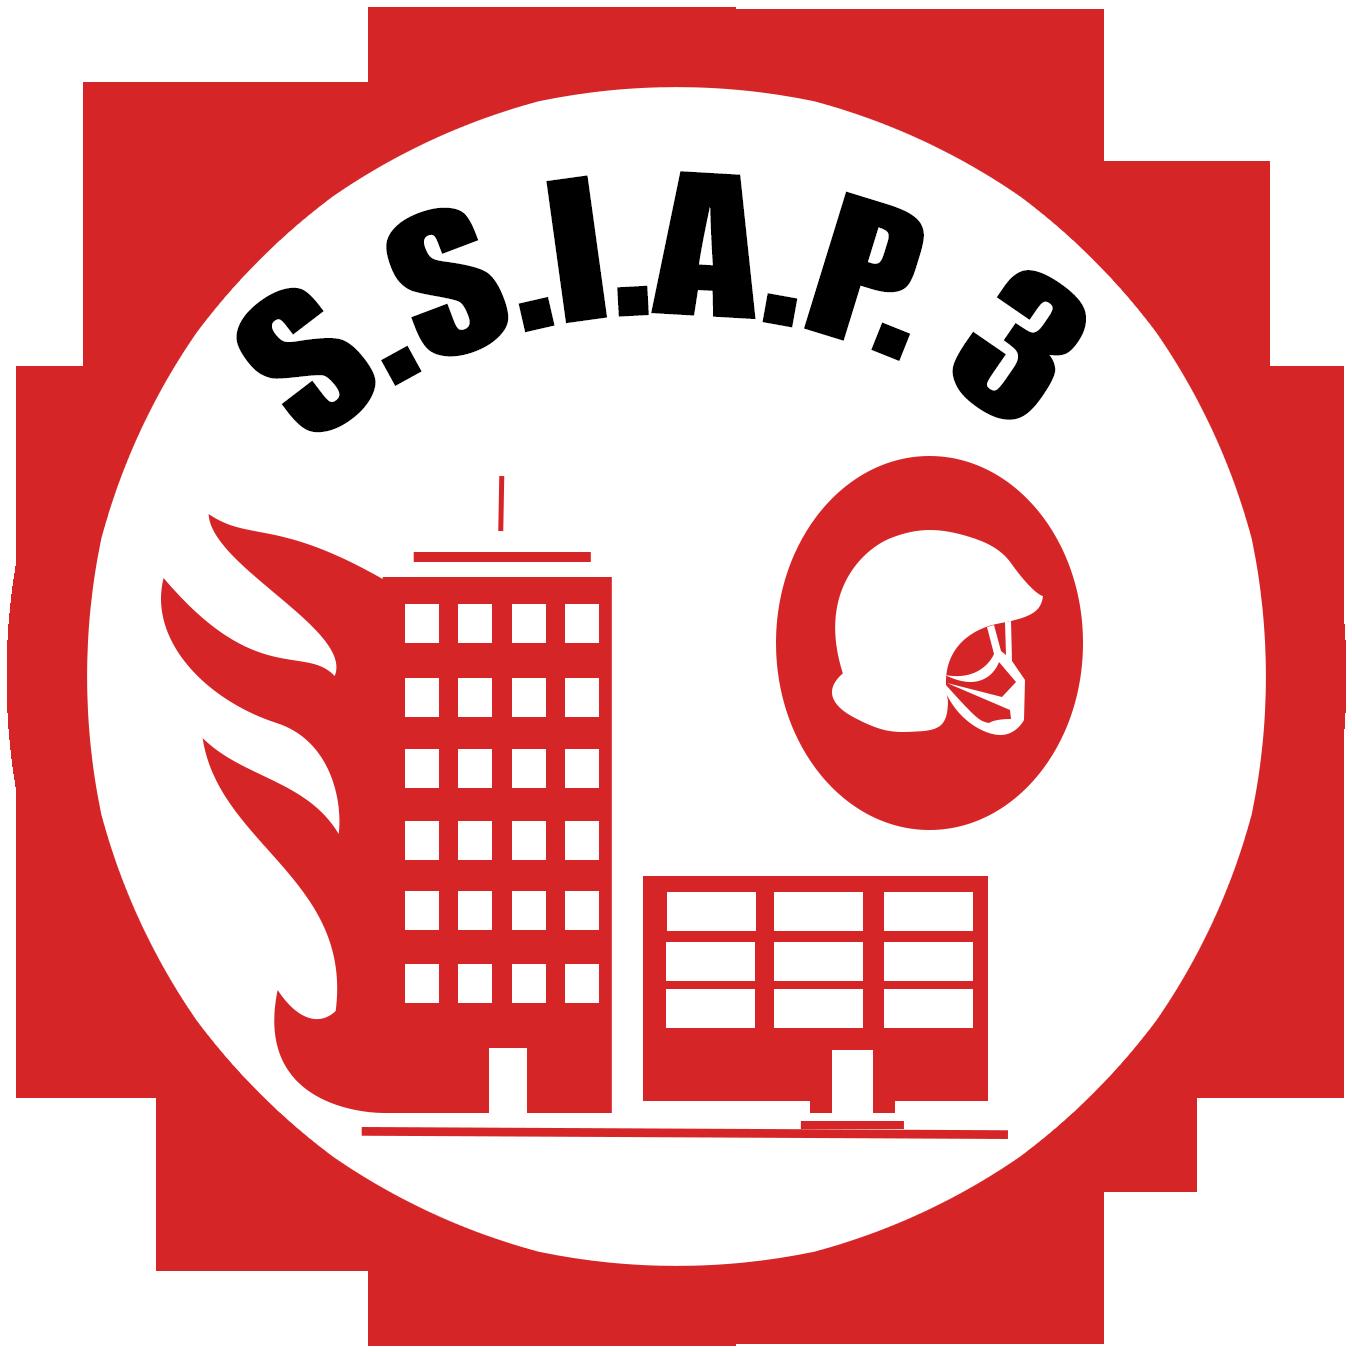 logo ssiap 3